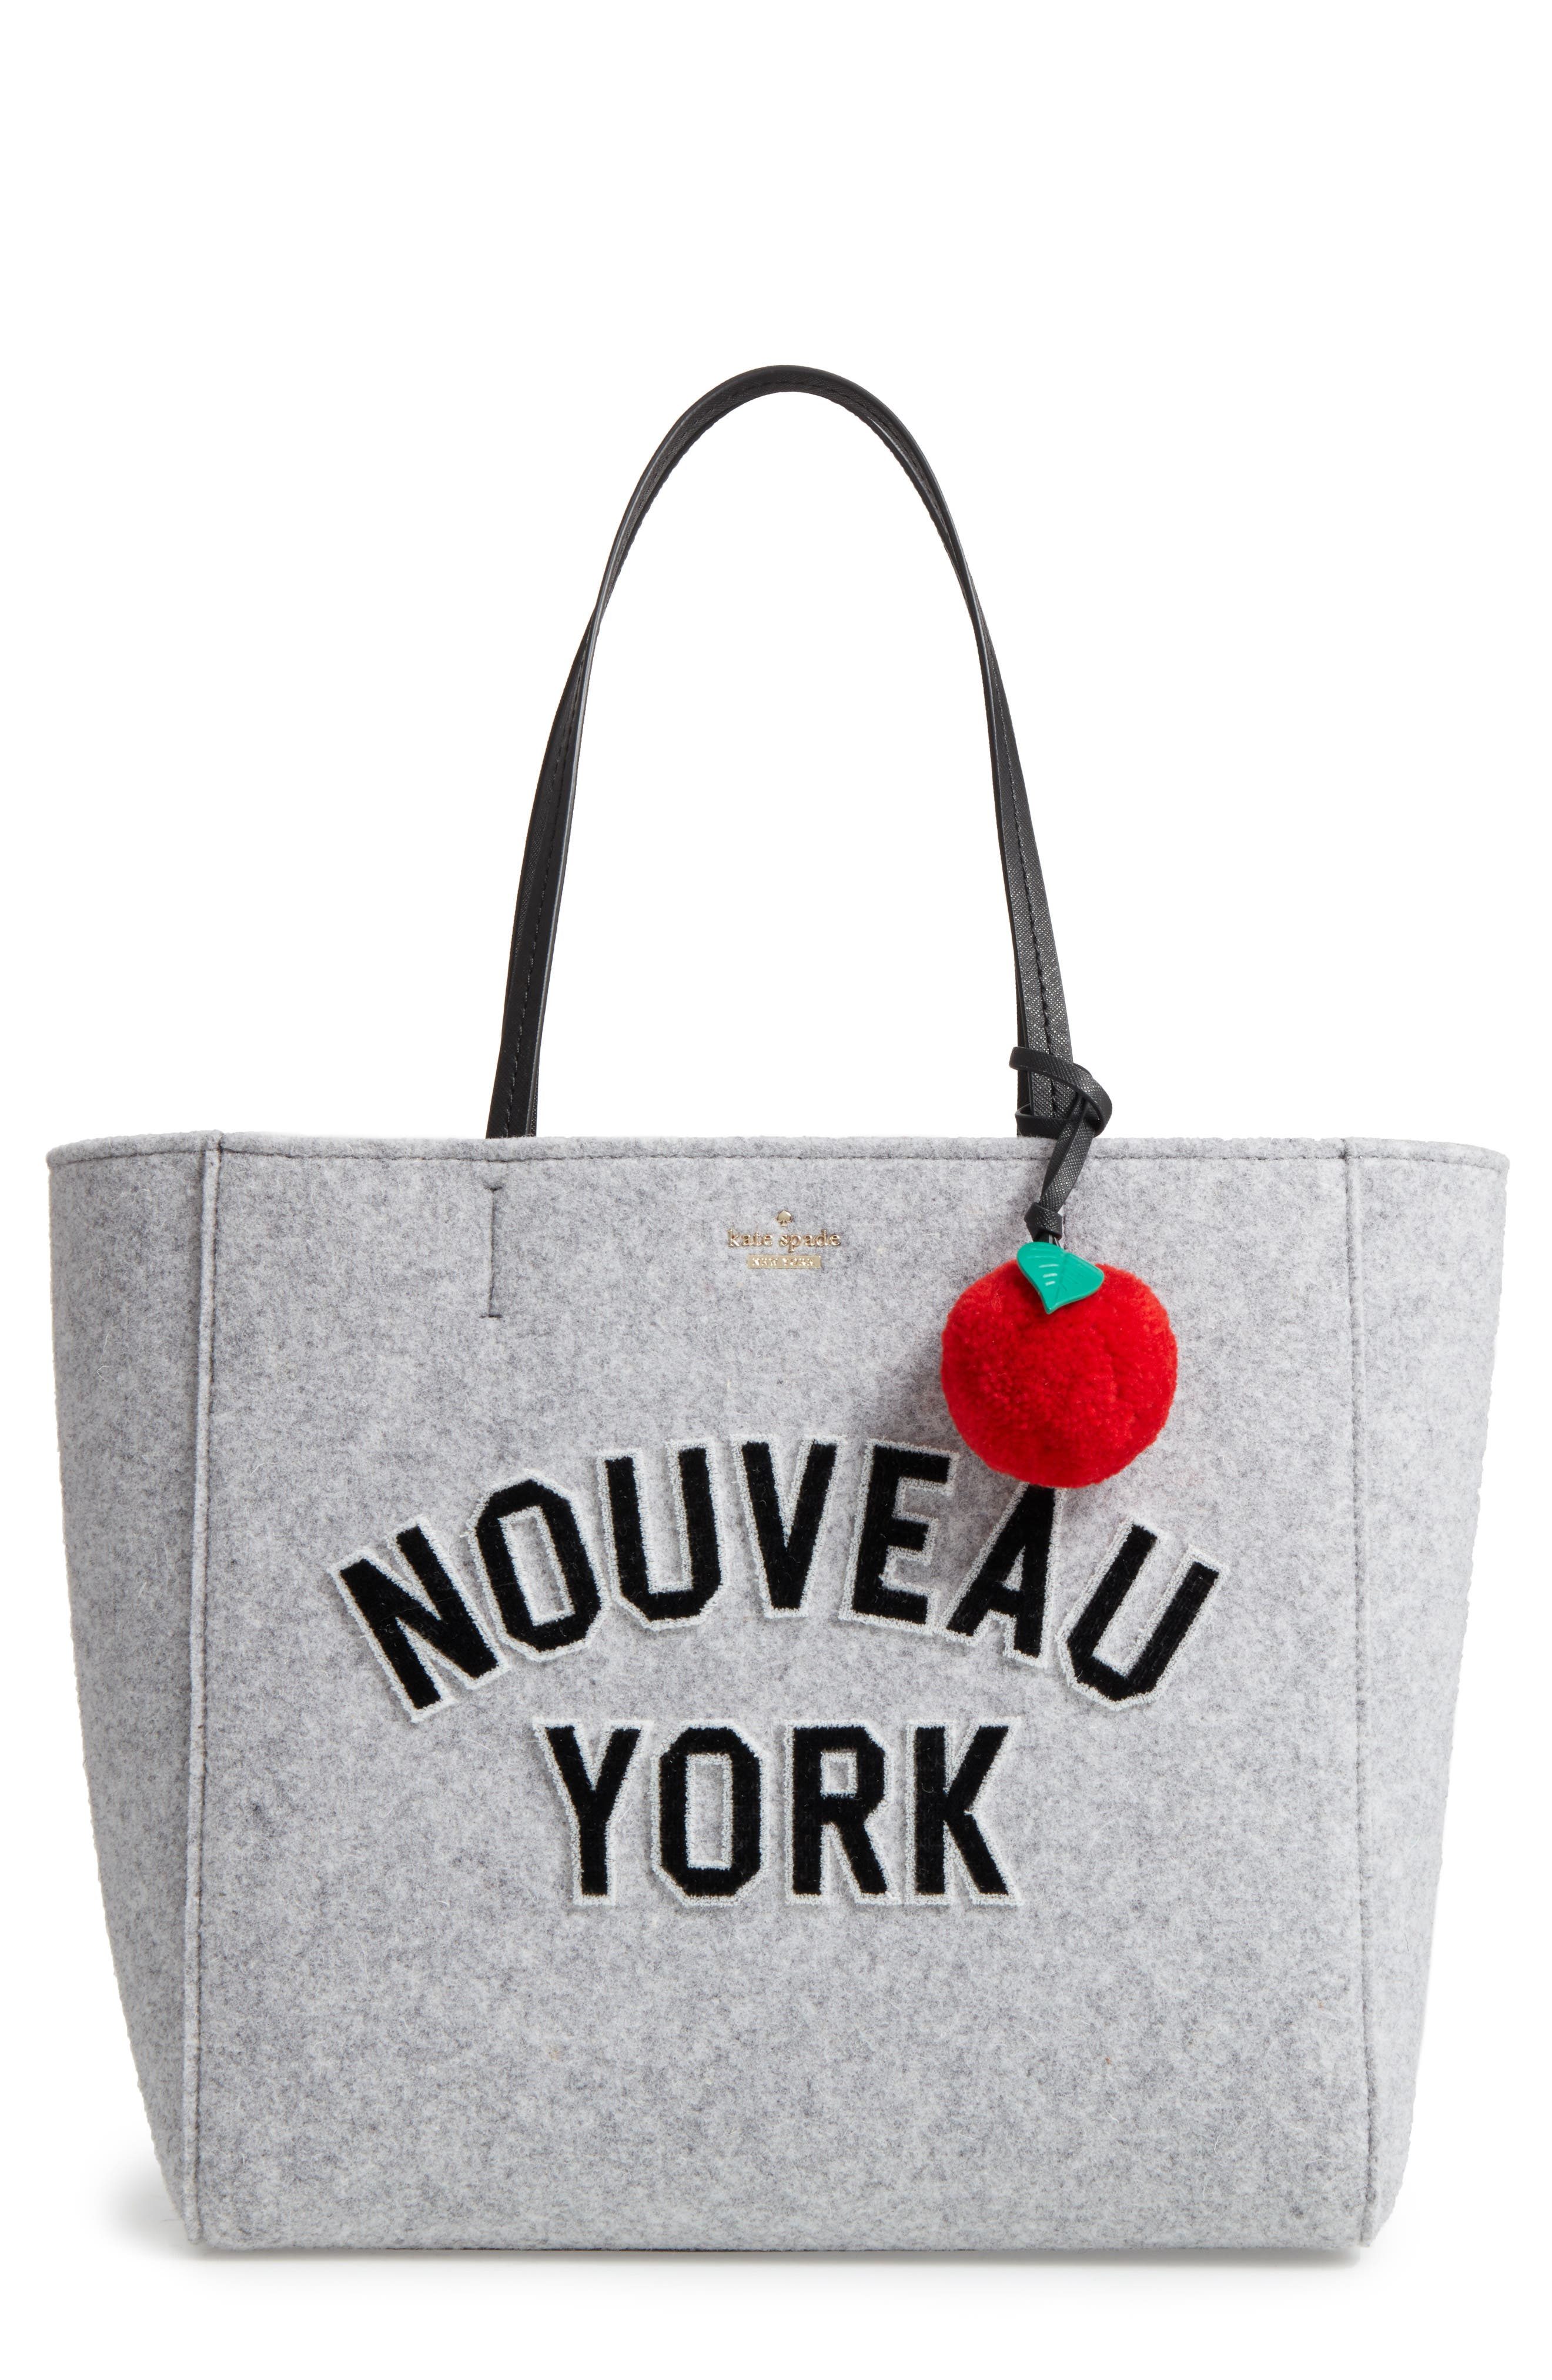 nouveau york - hallie flannel tote & apple pom bag charm,                         Main,                         color, 027